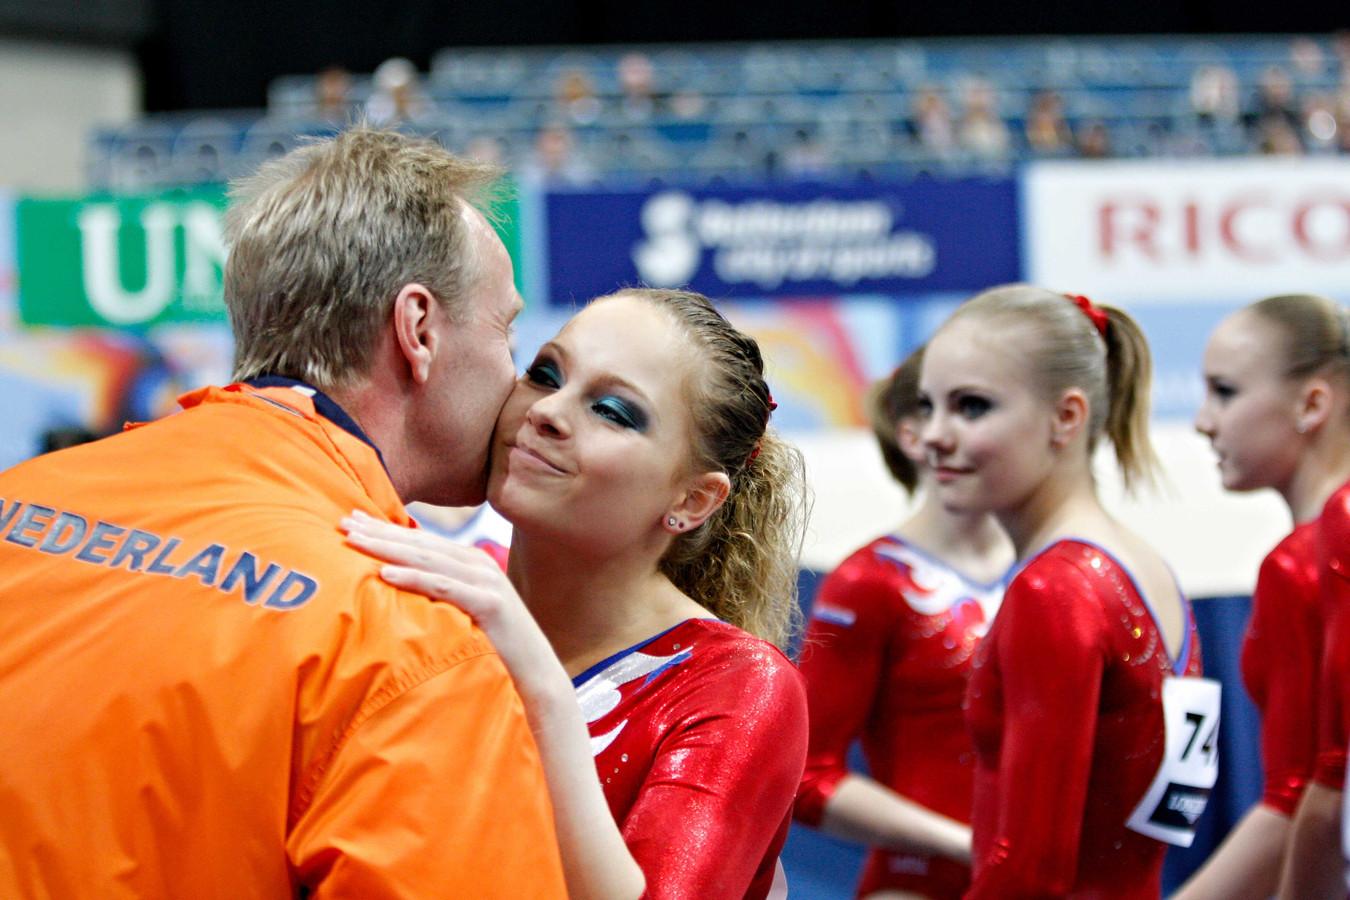 """Joy Goedkoop wordt geknuffeld door coach Vincent Wevers na een geslaagde kwalificatie op het WK turnen 2010. Goedkoop beschuldigde Wevers eerder deze week van mishandeling. ,,Er was op dagelijkse basis sprake van kleineren, schelden, boos worden. Ik ben ook geslagen en geschopt door hem."""""""